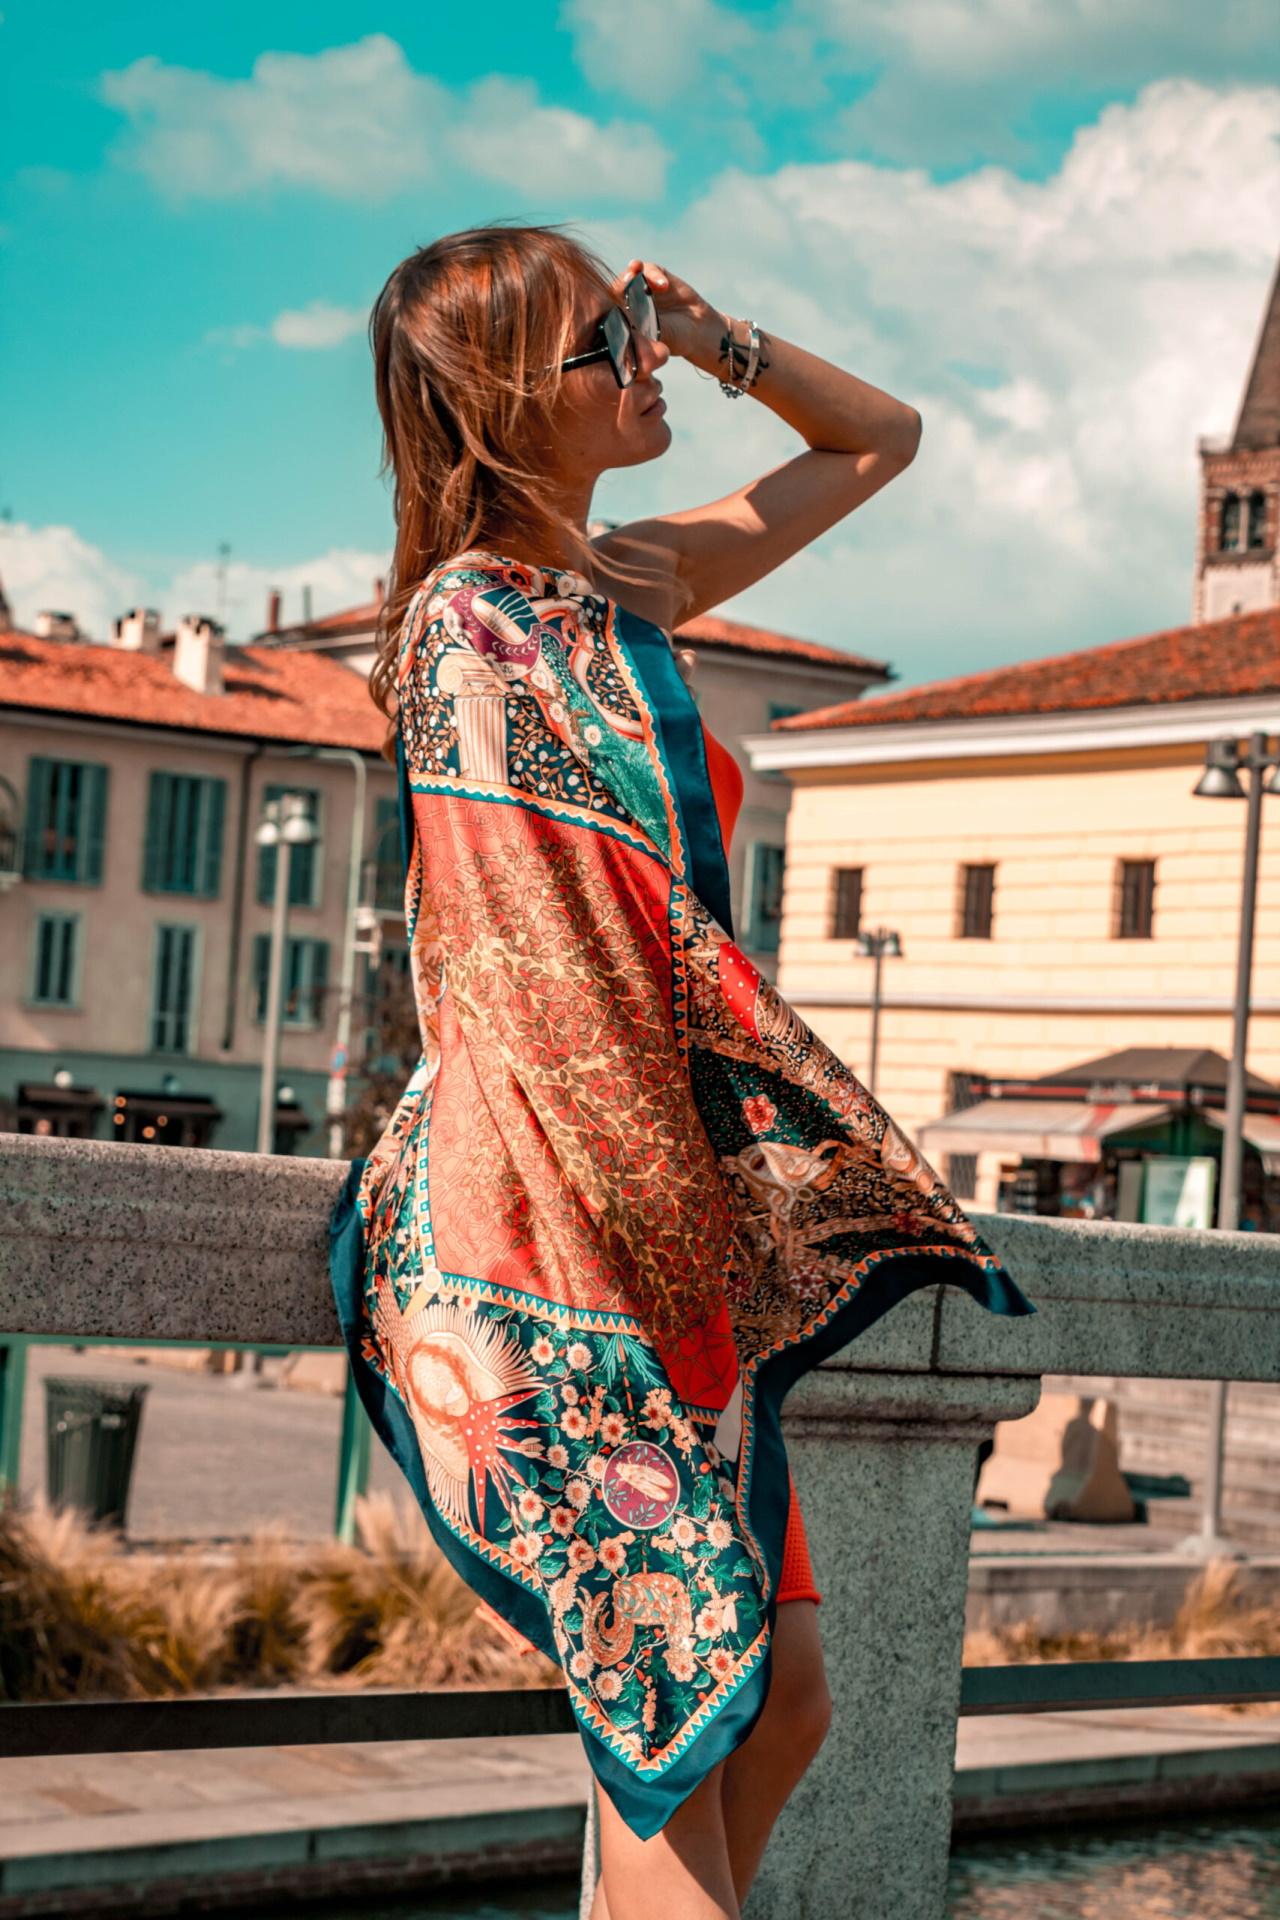 FOULARD F FOULARD SCIARPA DONNA 100 SETA 90CMX90CM 4 1stAmerican foulard/sciarpa 100% seta da donna 90cmx90cm